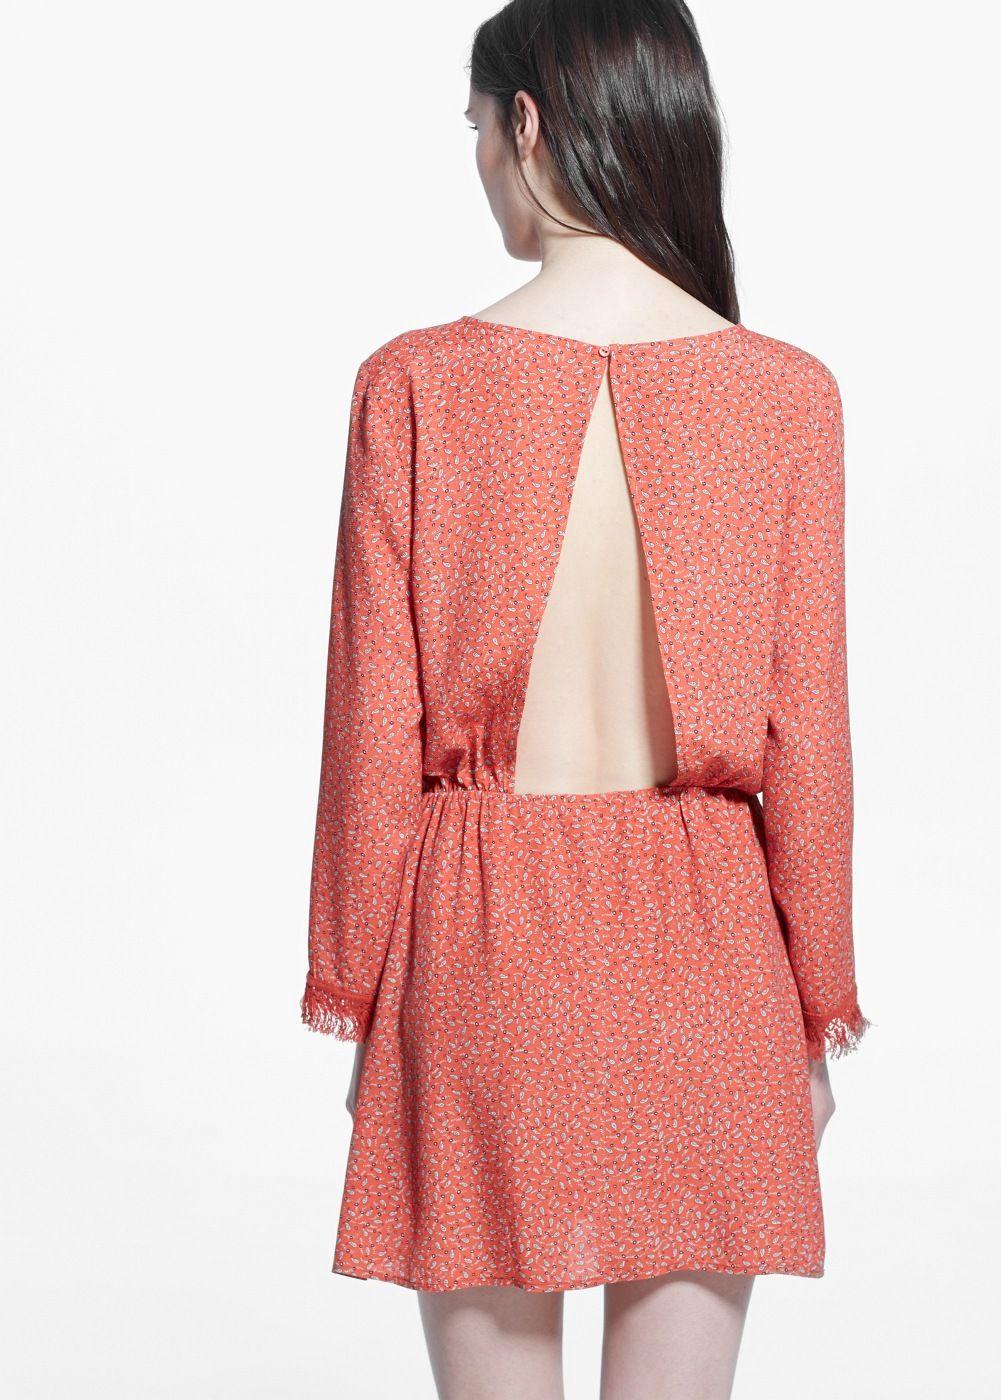 Платье с принтом пейсли | MANGO